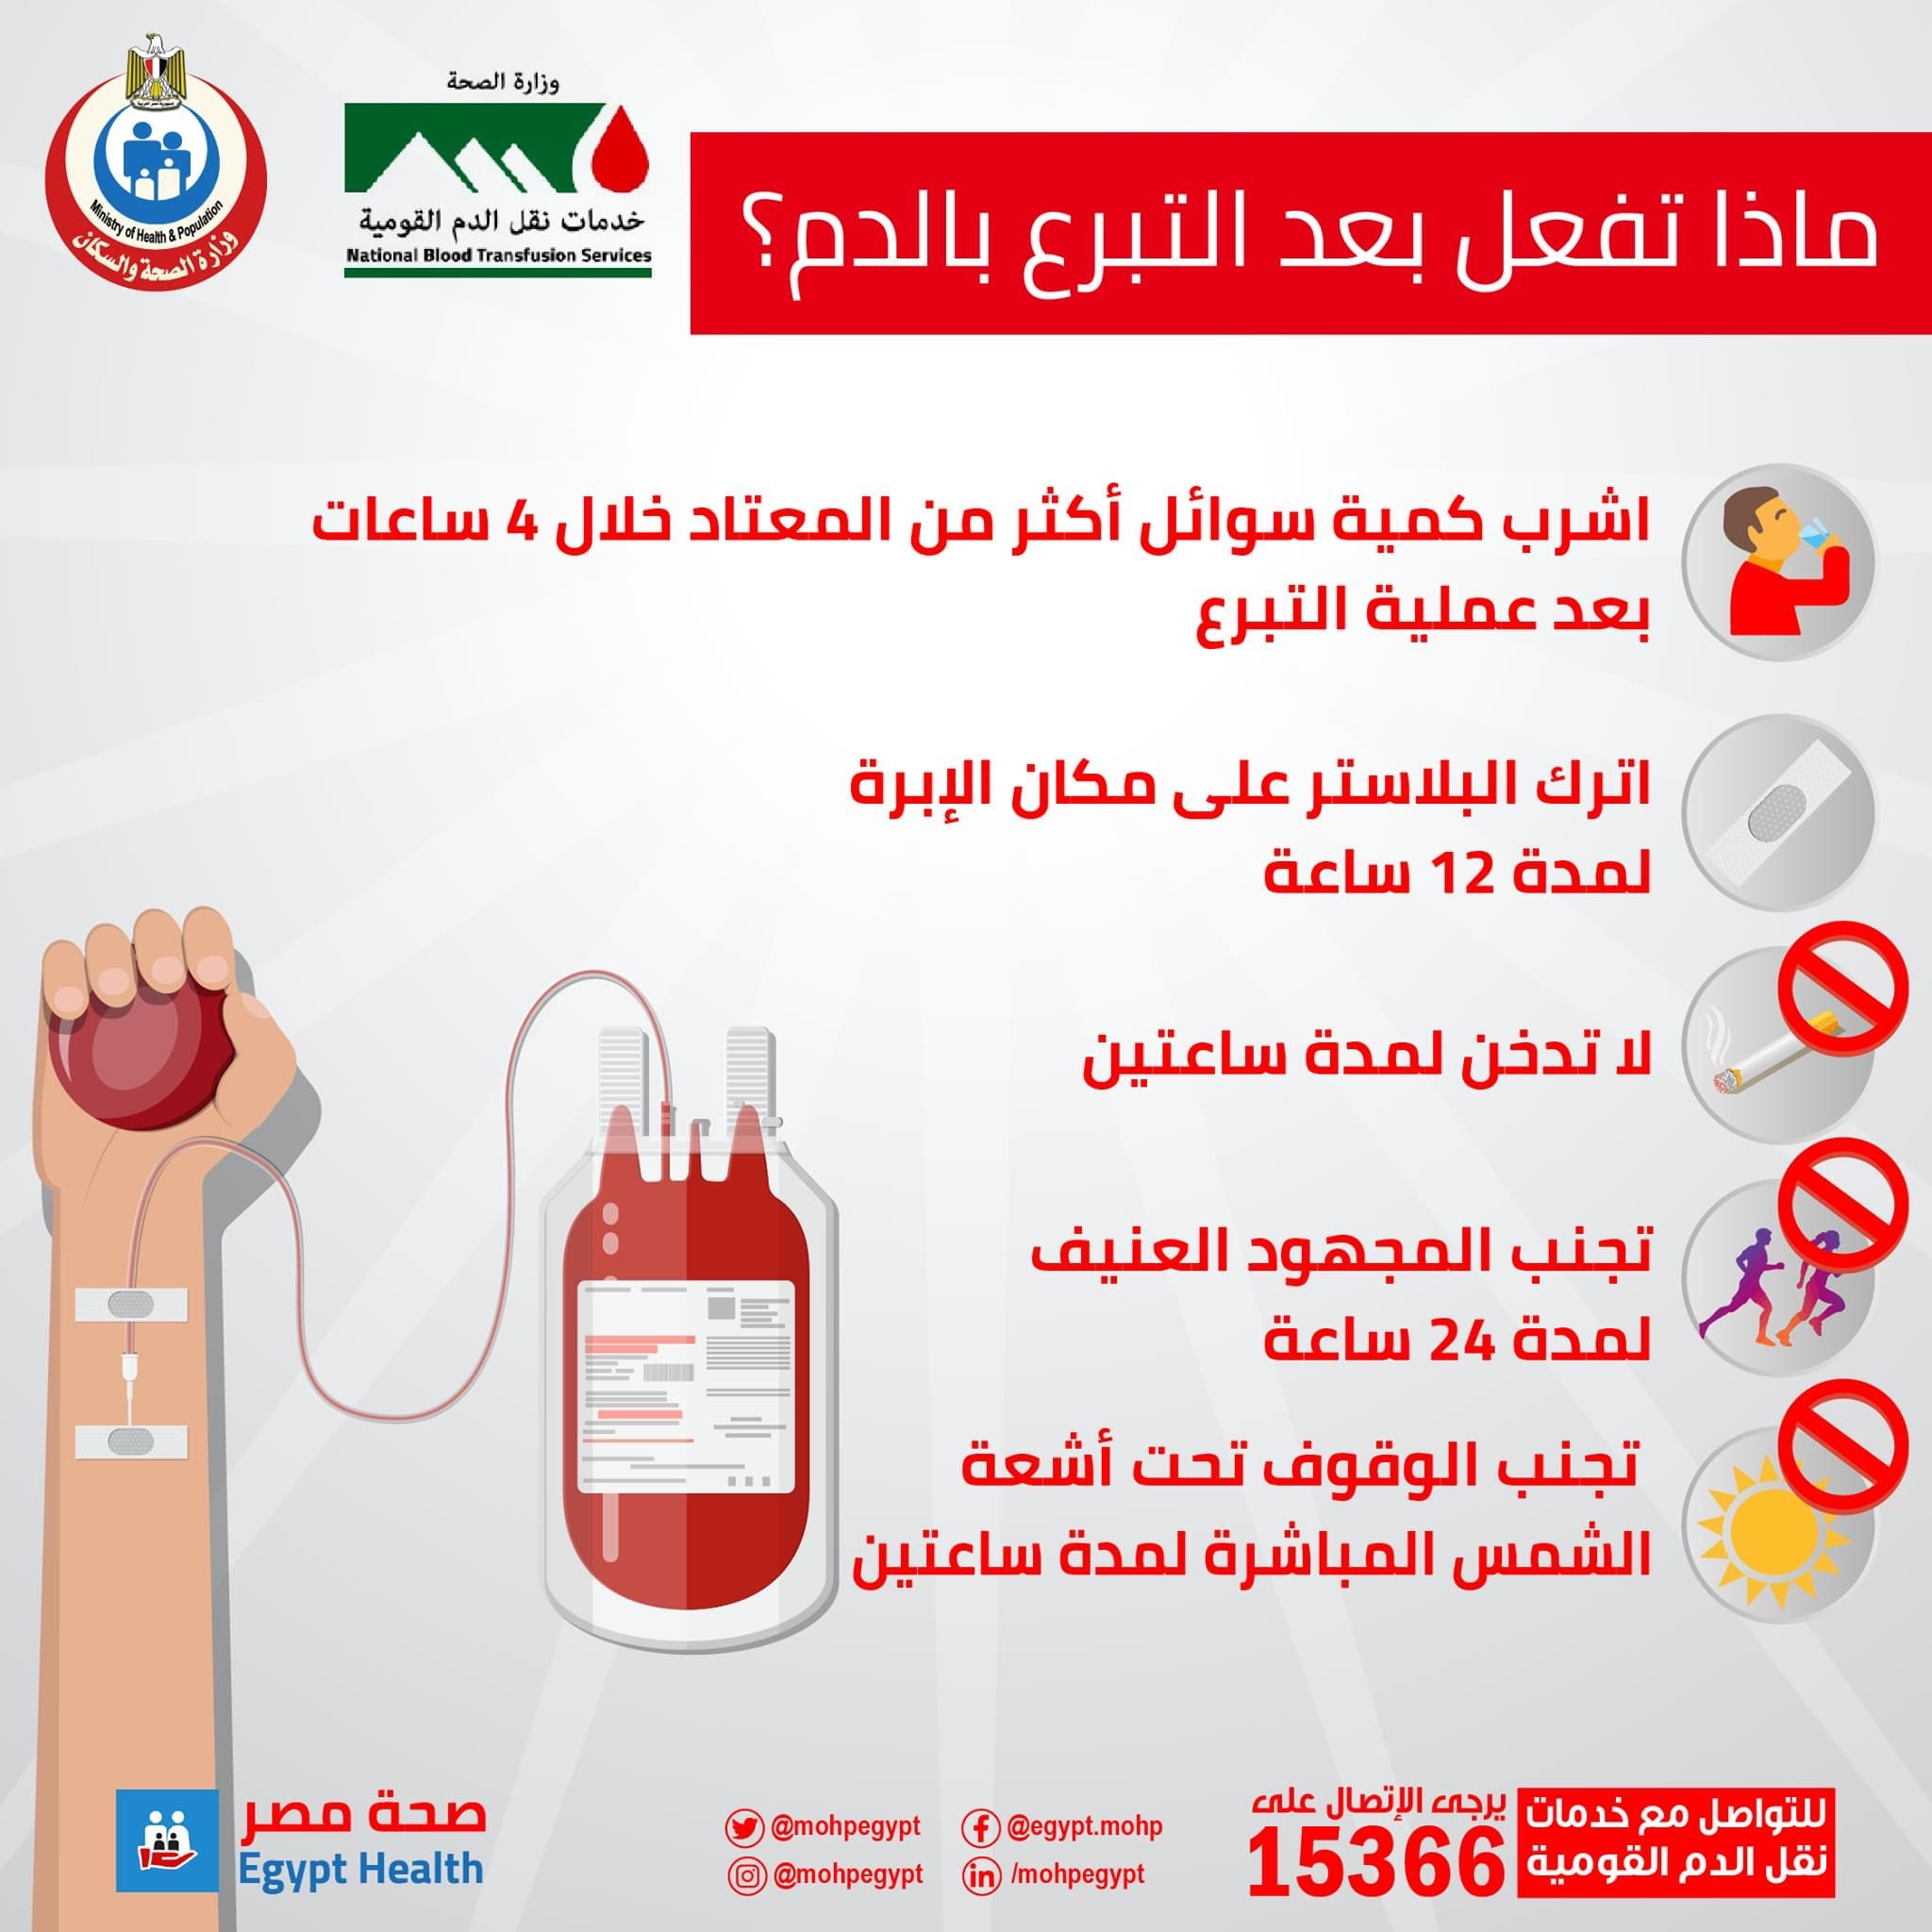 قبل التبرع بالدم